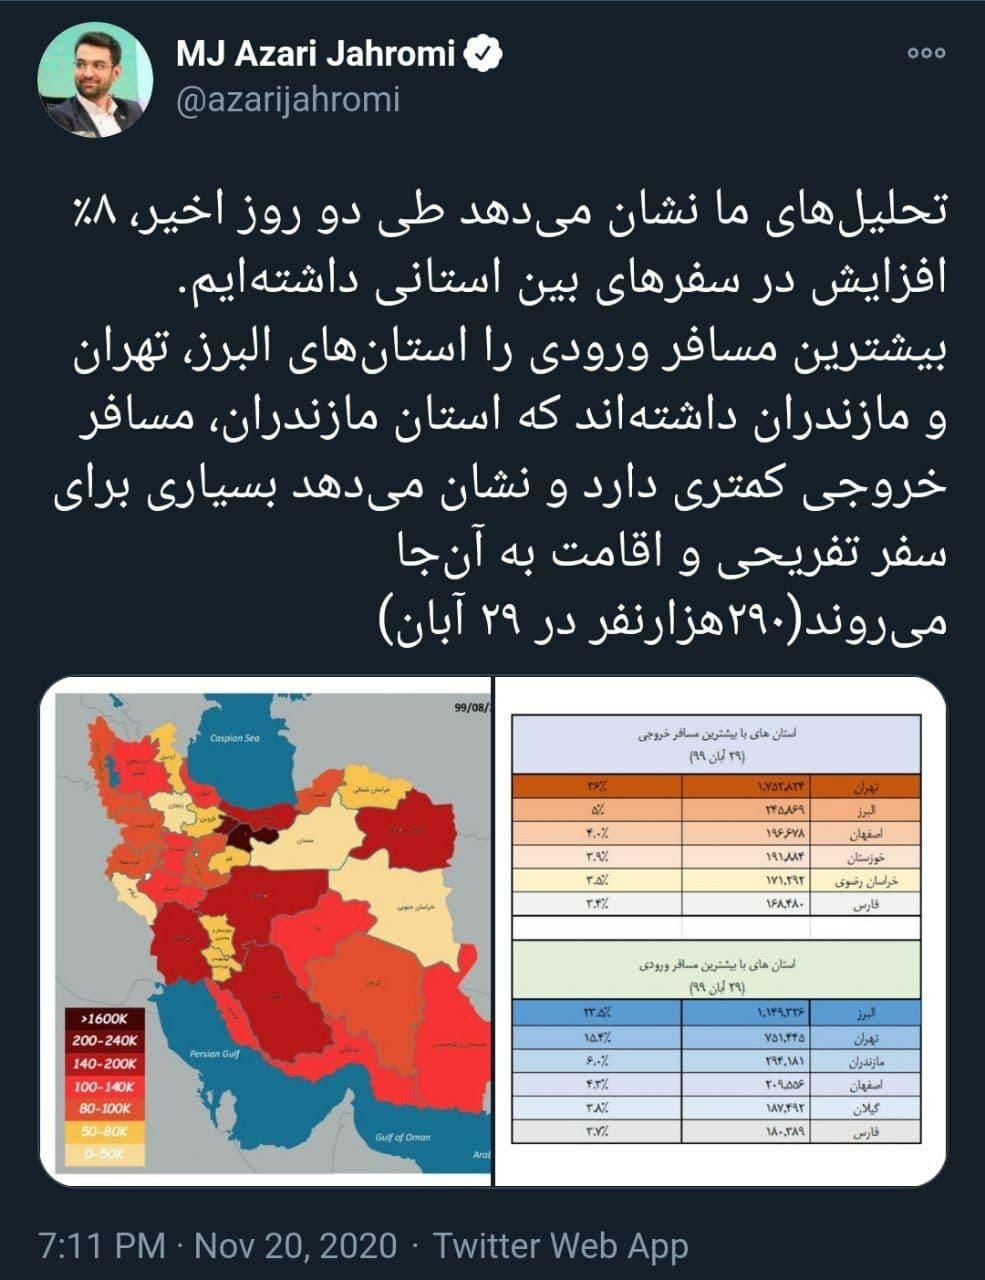 افزایش سفرهای استانی در دو روز گذشته+عکس